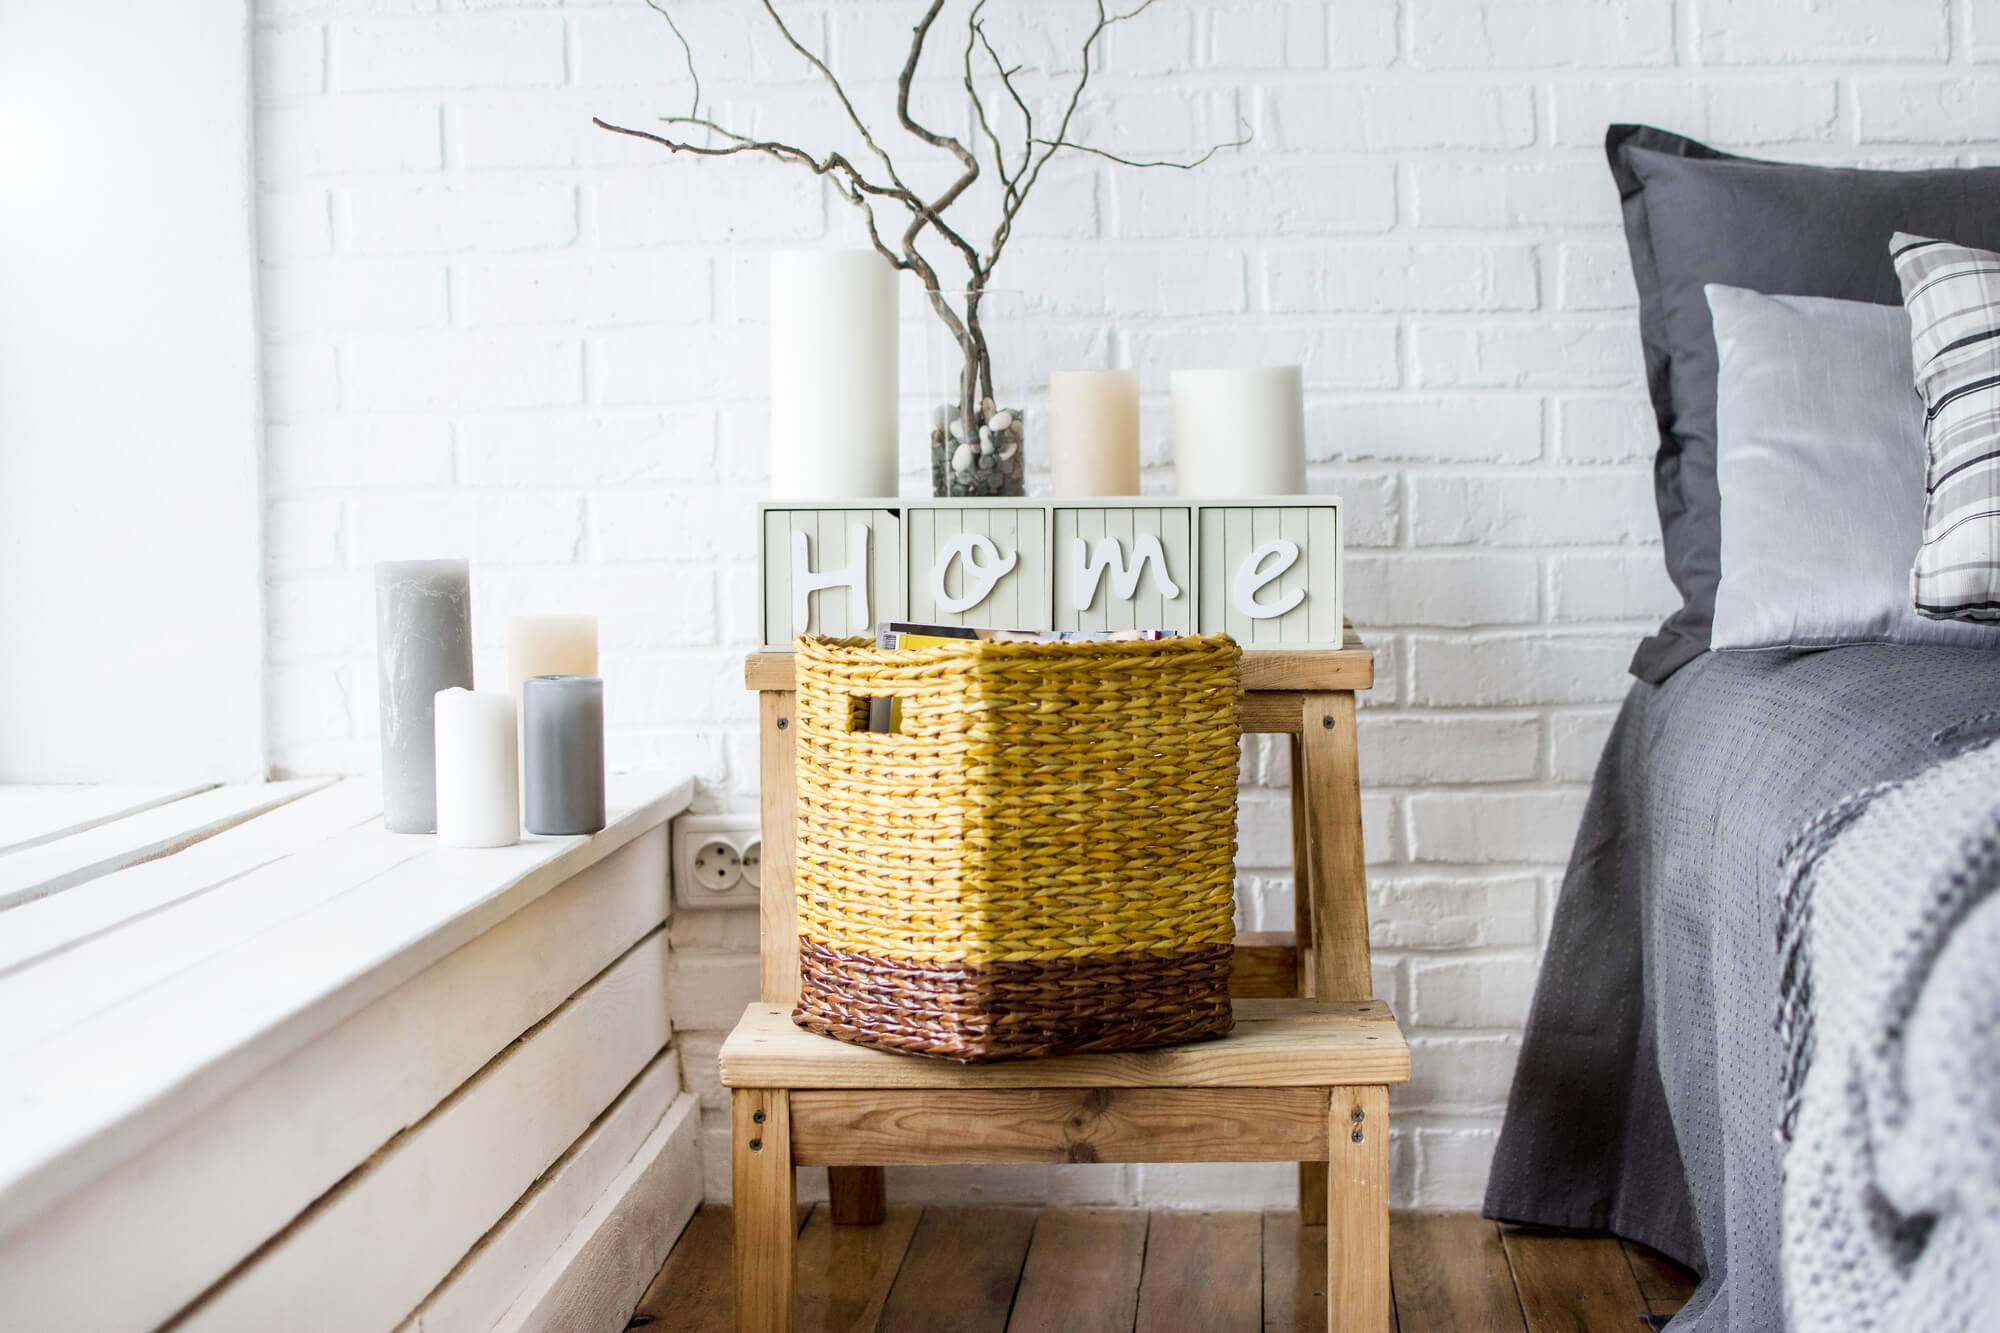 5 Contemporary Home Decor Trends for 2018, interior design west palm beach